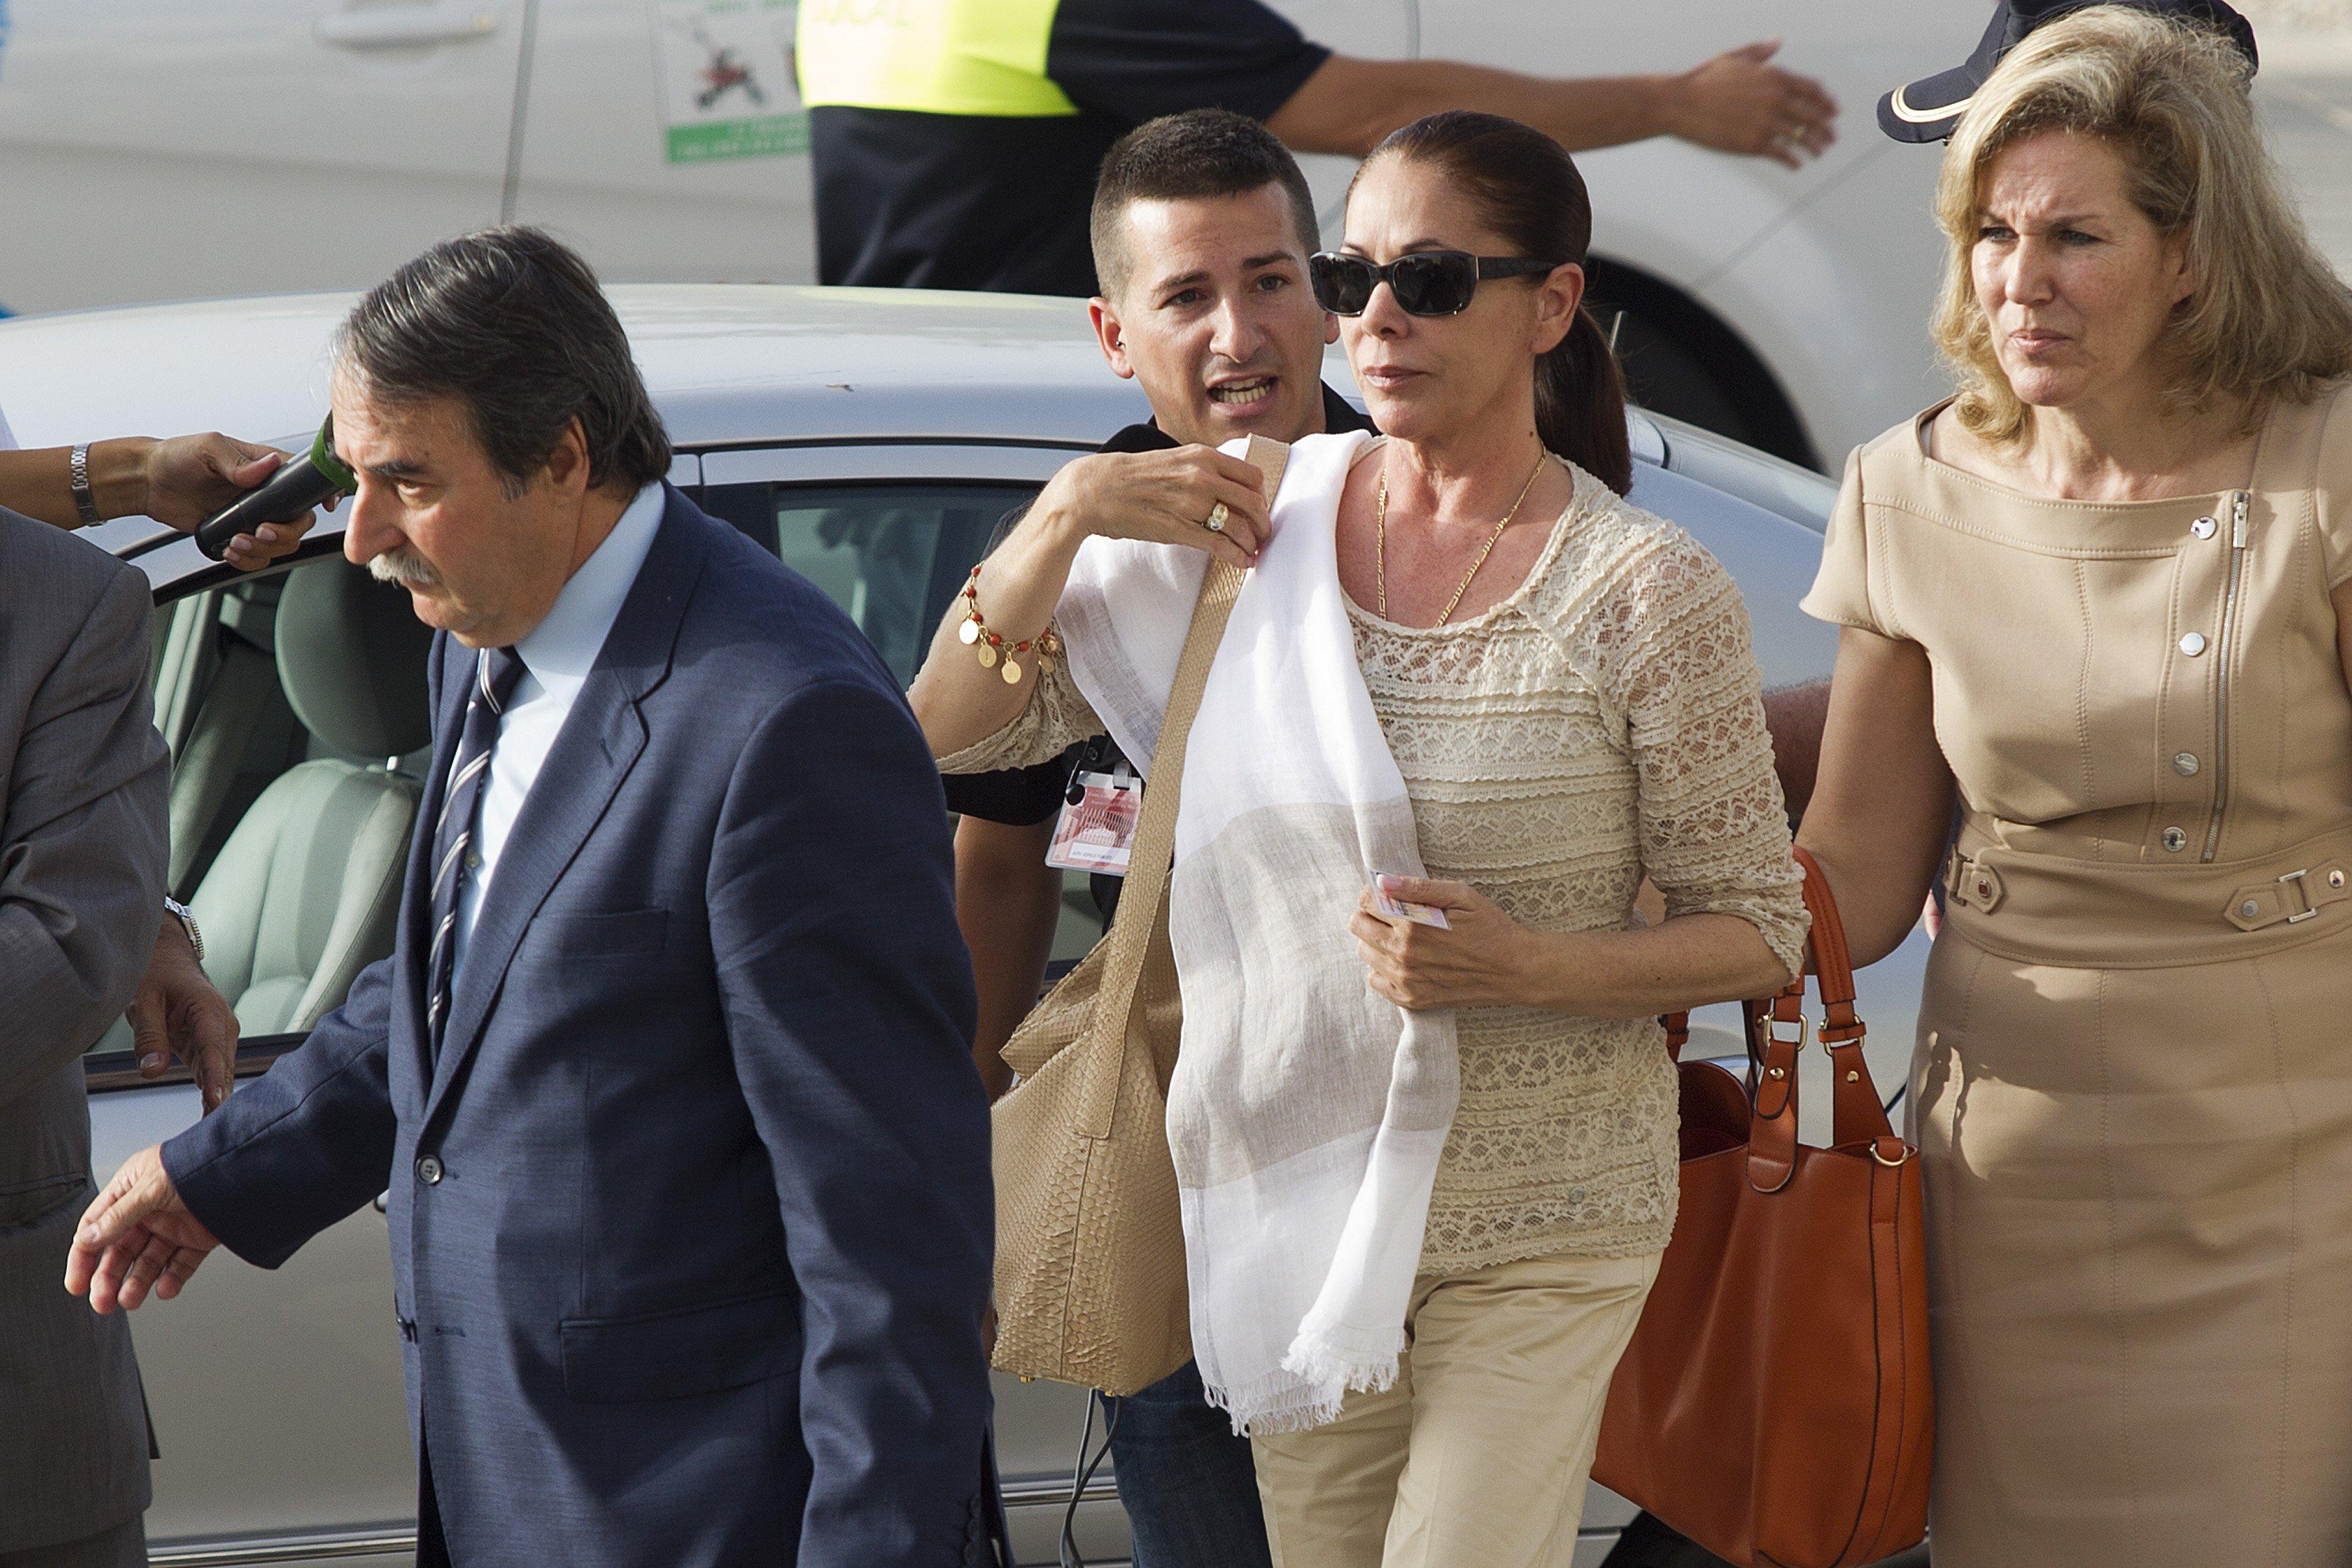 Isabel Pantoja y Julián Muñoz asisten al juicio de corrupción por el caso Malaya en 2012. | Imagen: Getty Images